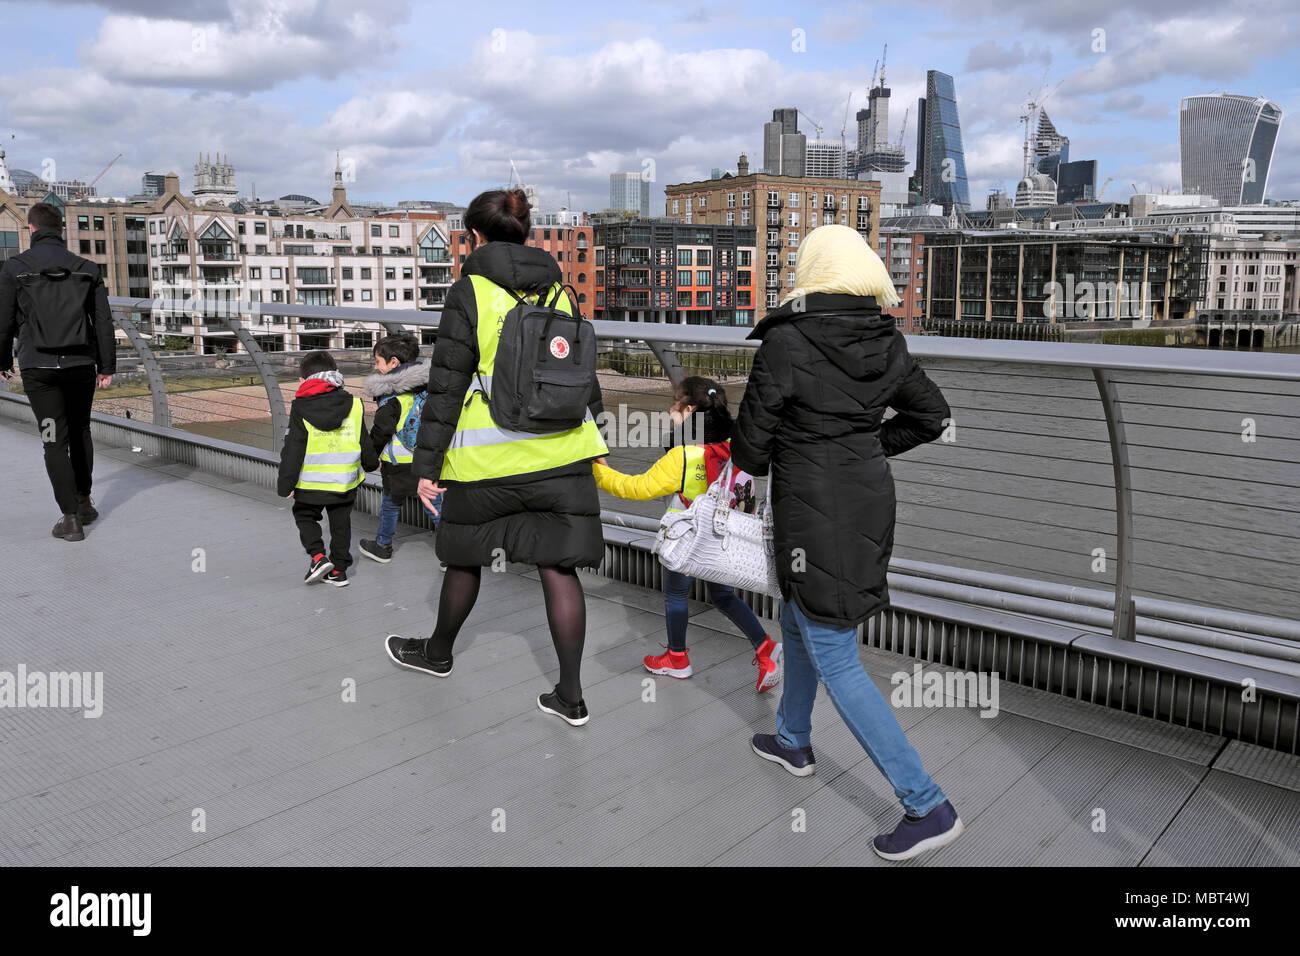 British bambini delle scuole elementari i ragazzi a piedi attraverso il Millennium Bridge tenendo le mani con insegnante nel sud di Londra, Inghilterra UK KATHY DEWITT Immagini Stock